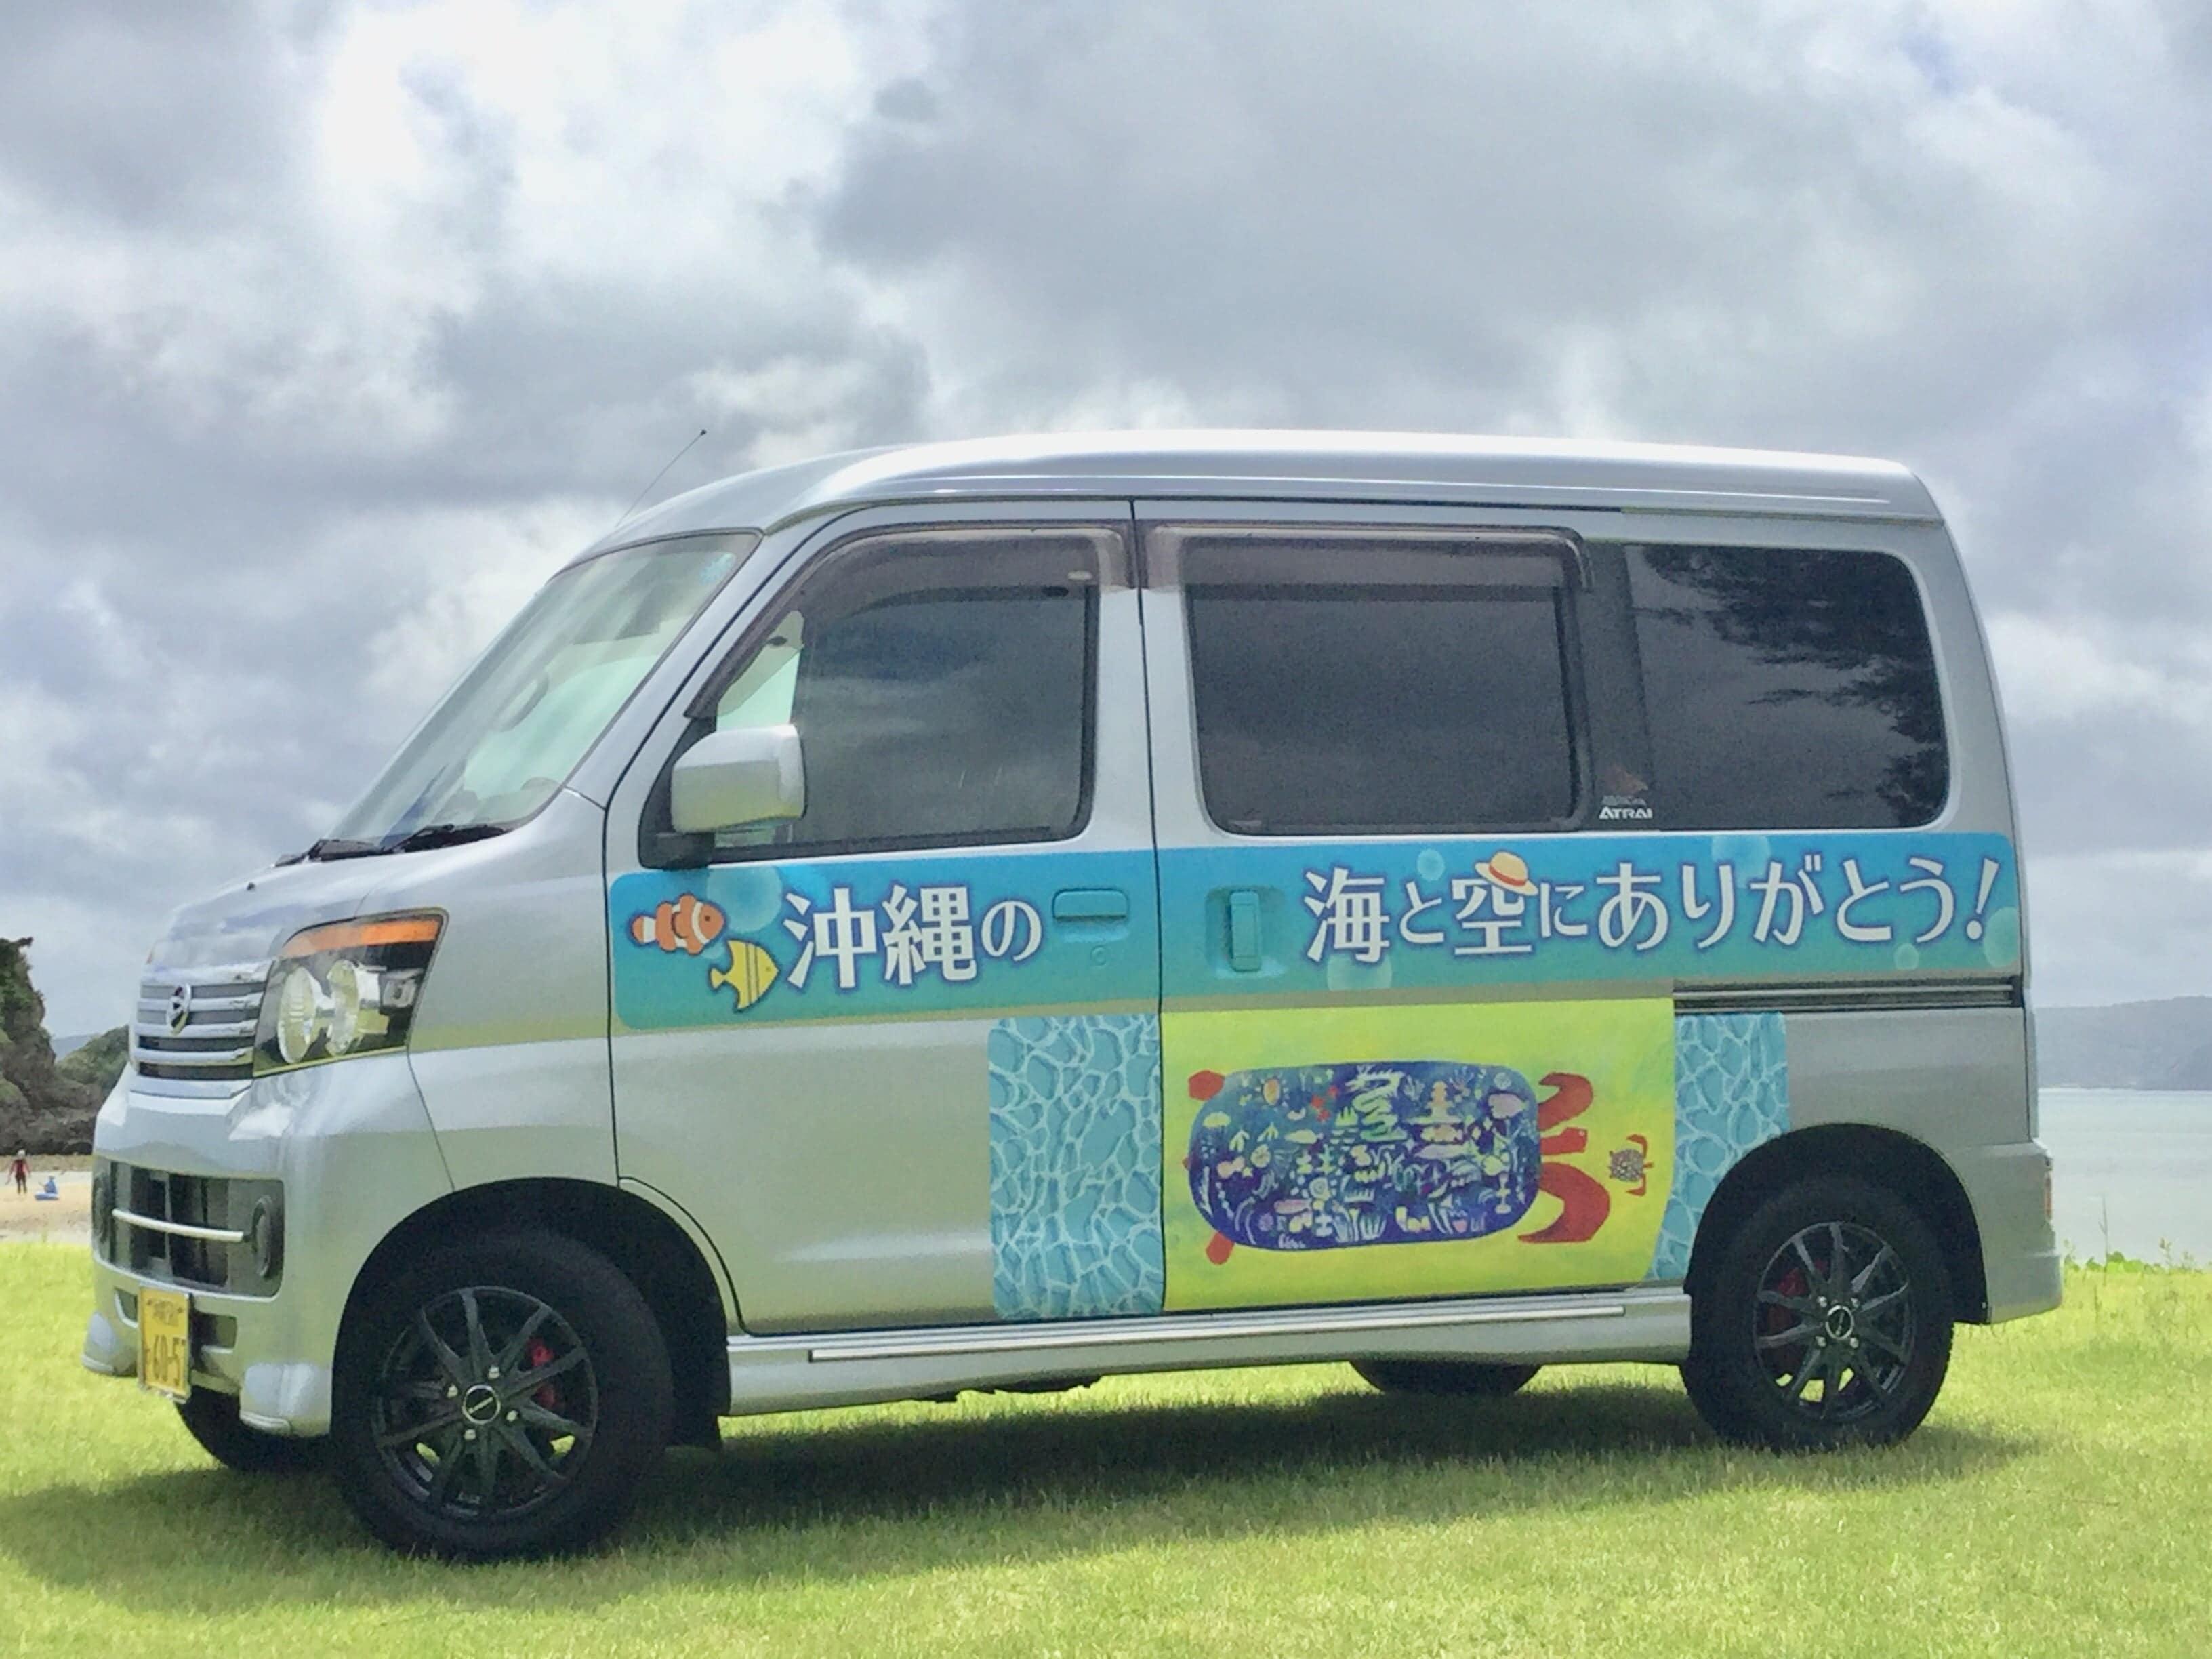 海空レンタカー 軽自動車(4人乗り) 1ヶ月以内レンタルのイメージその3